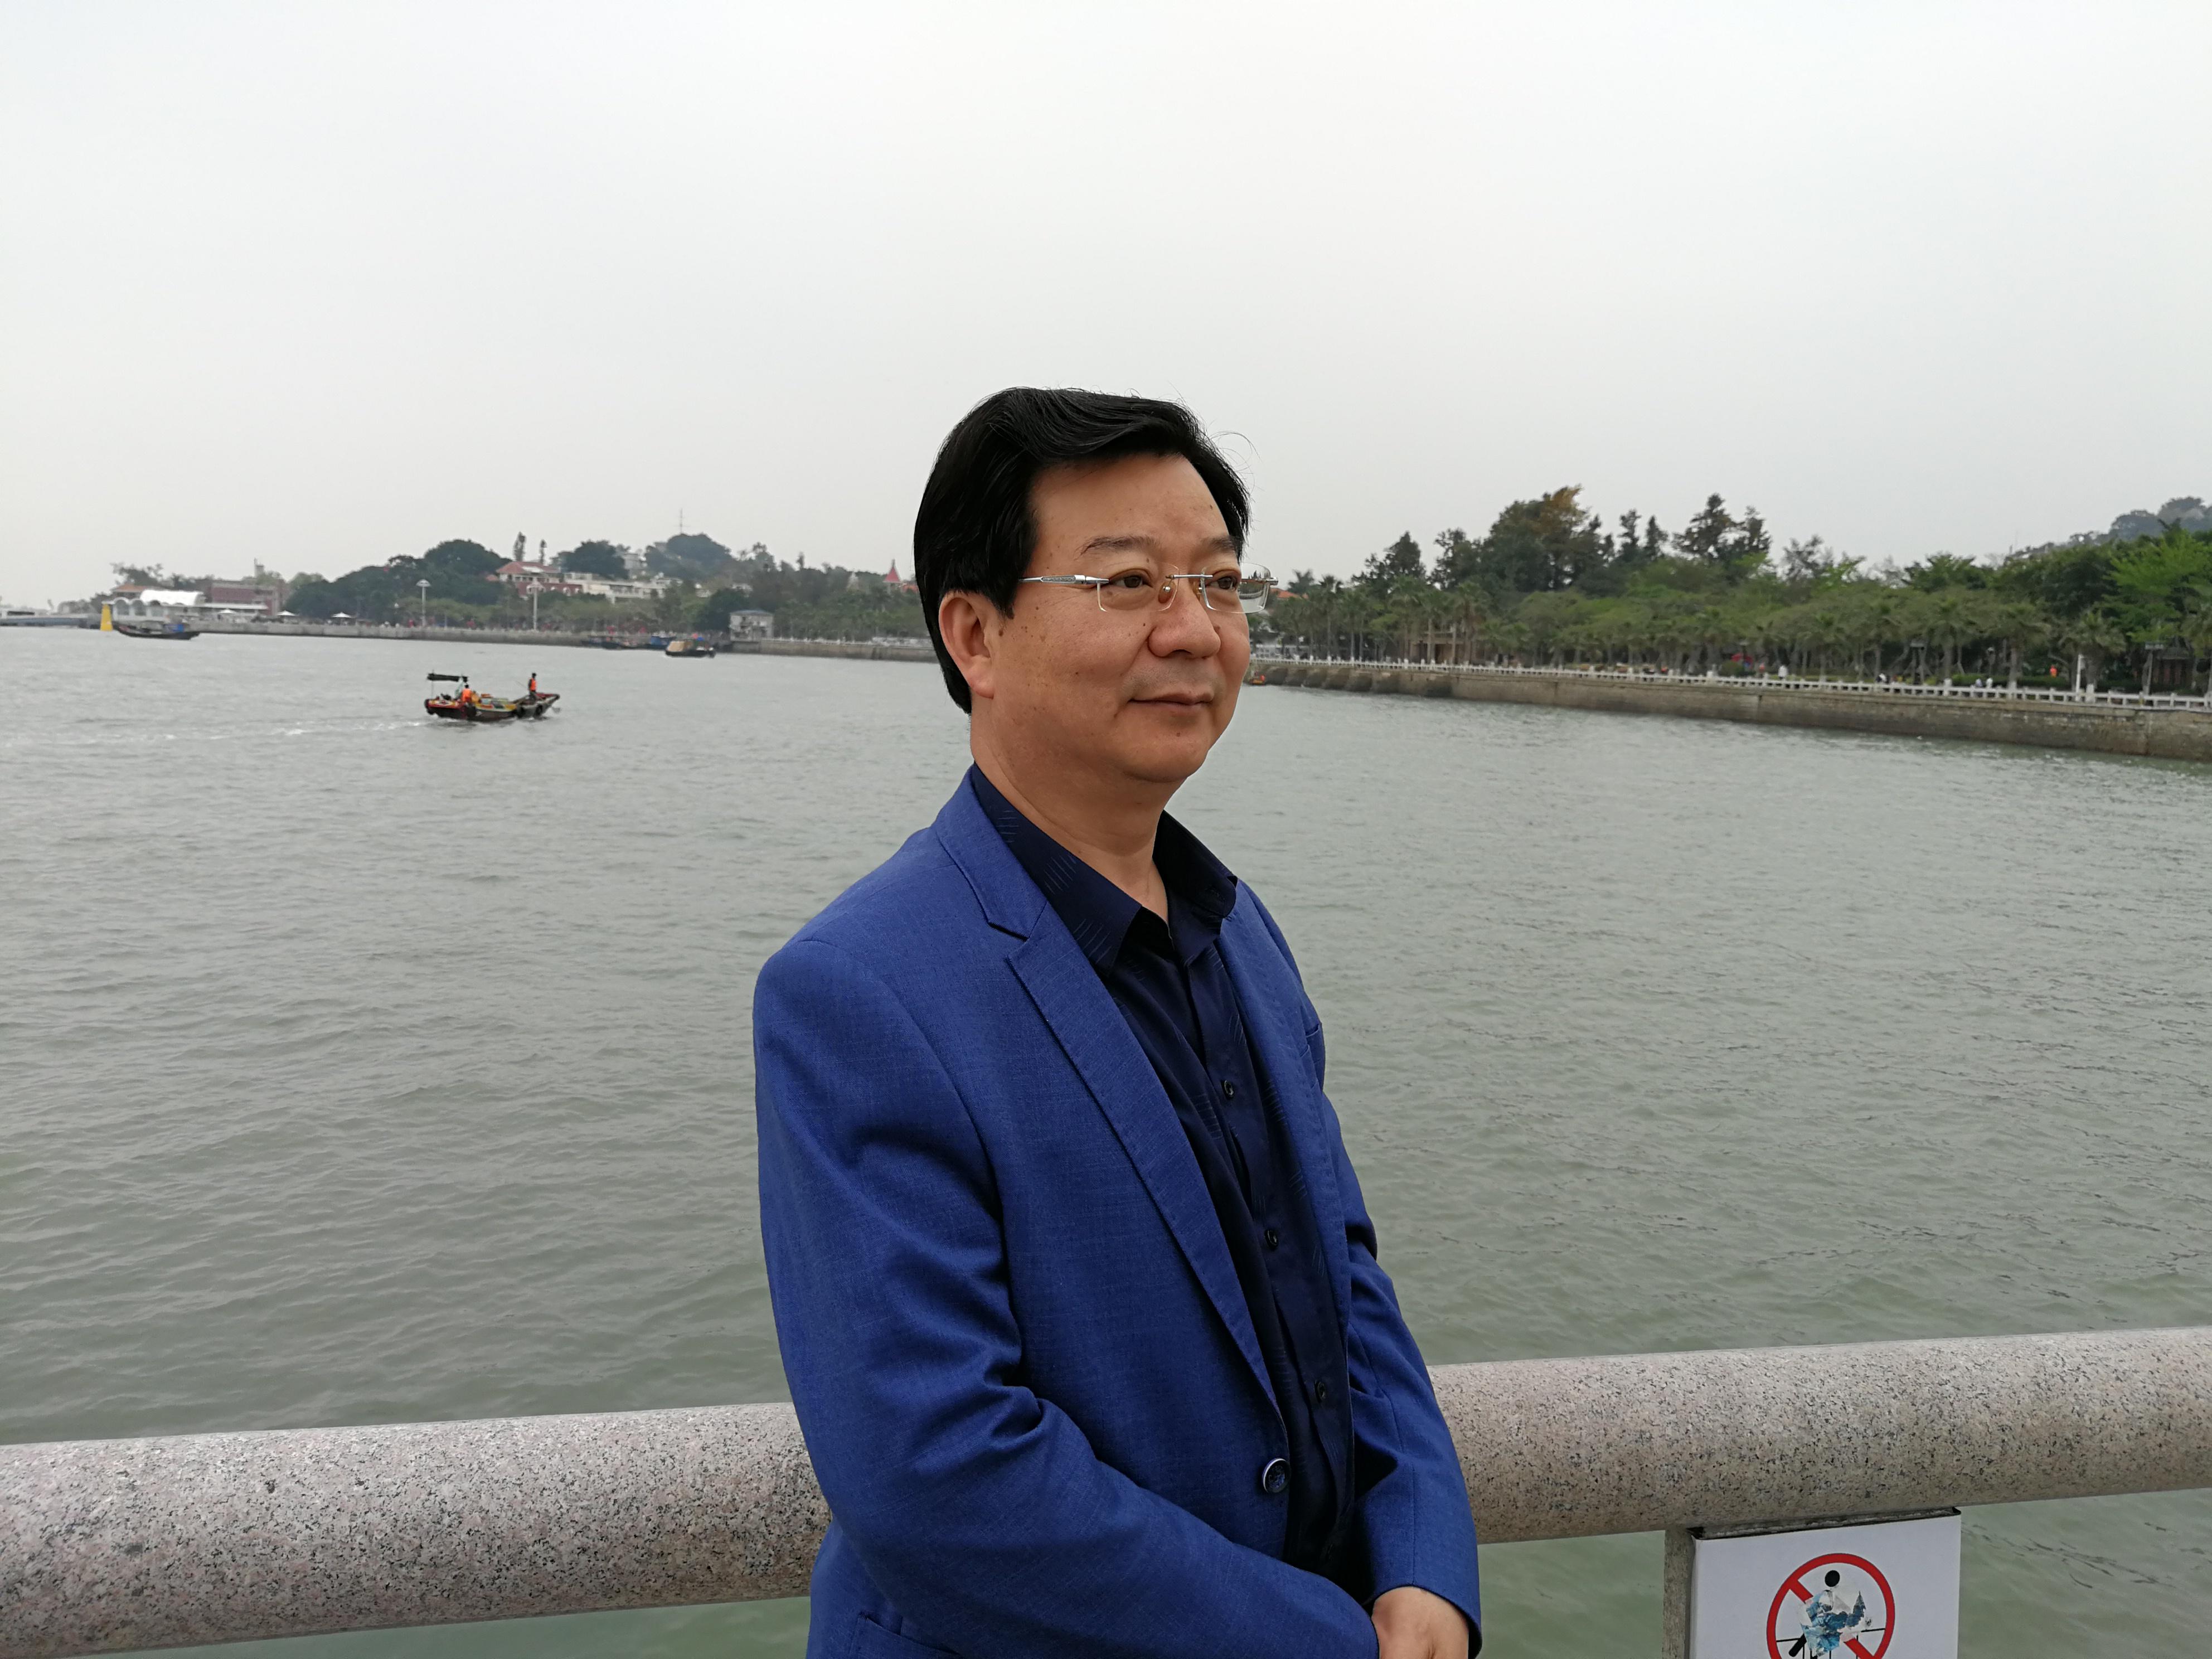 """刘仁前:""""香河?#20445;?#22312;我心田流淌"""